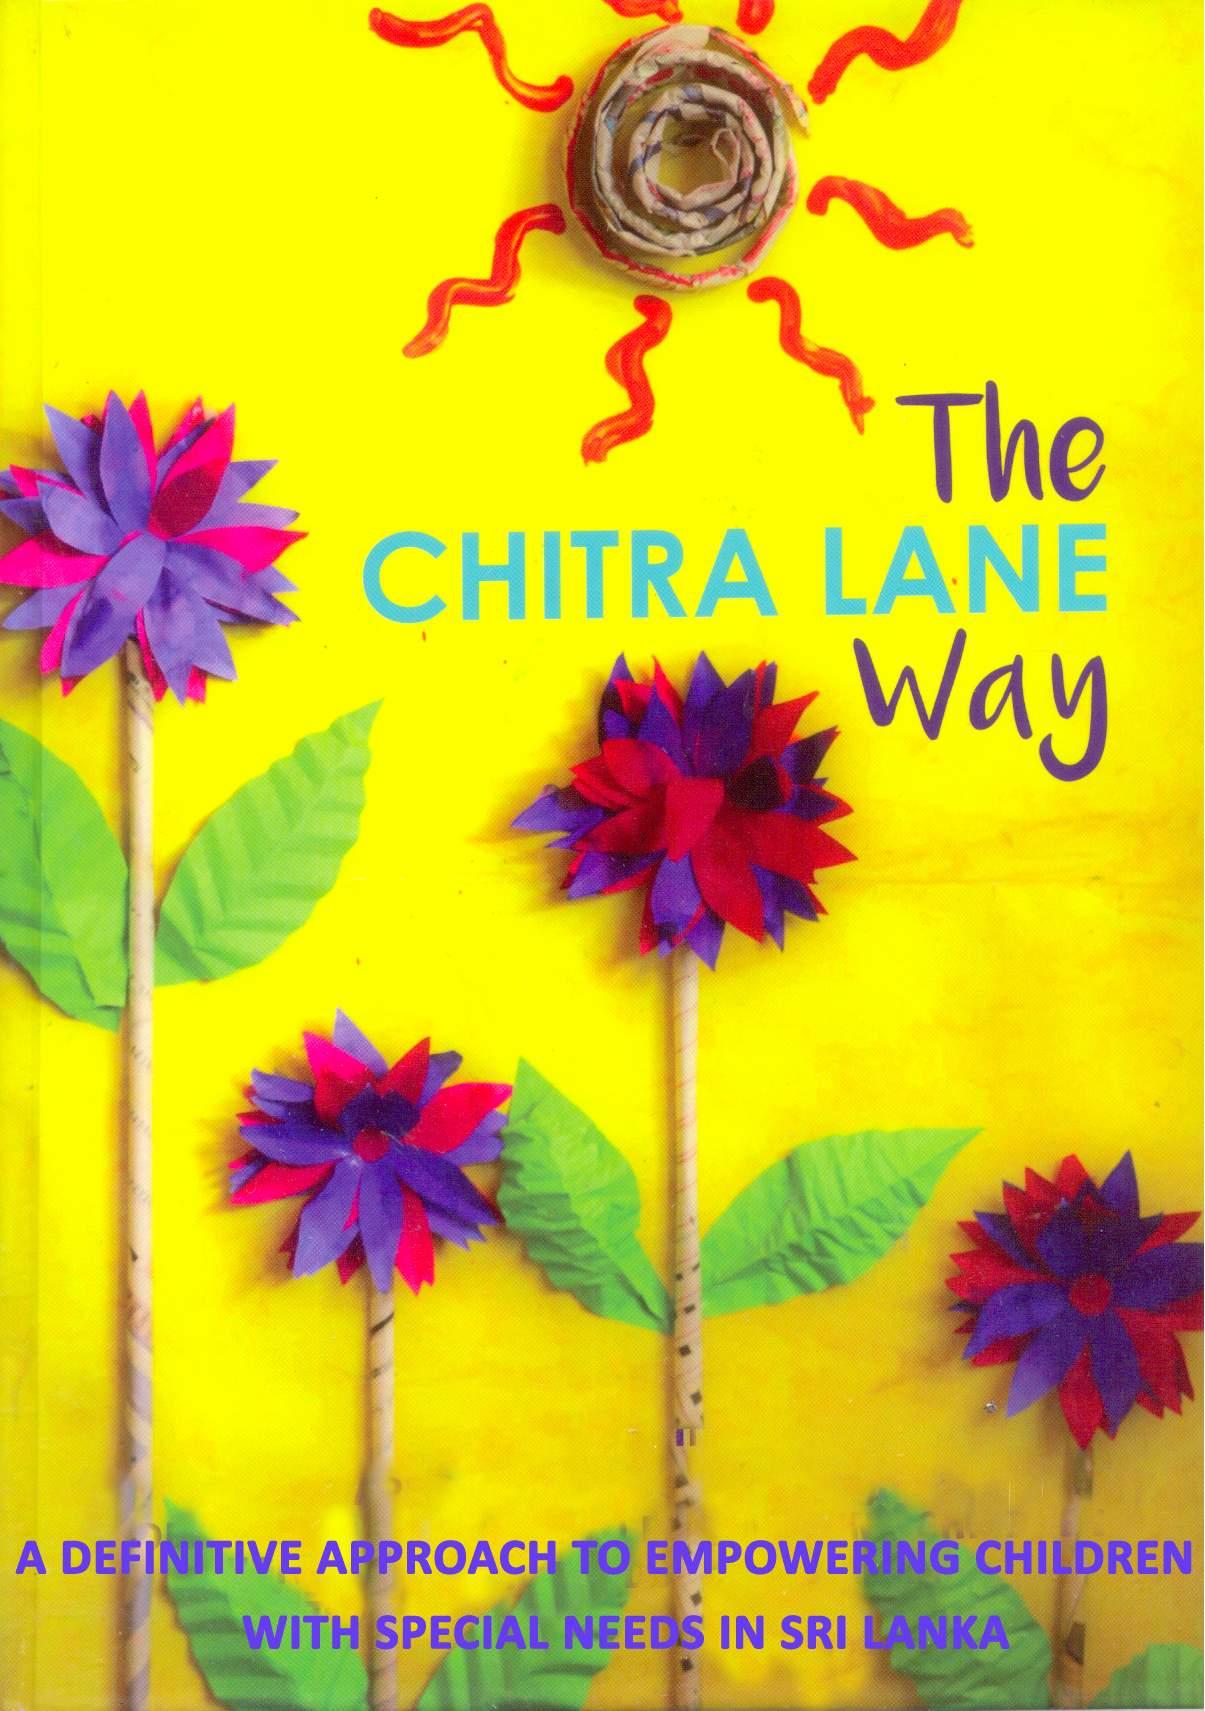 Chitra Lane Way